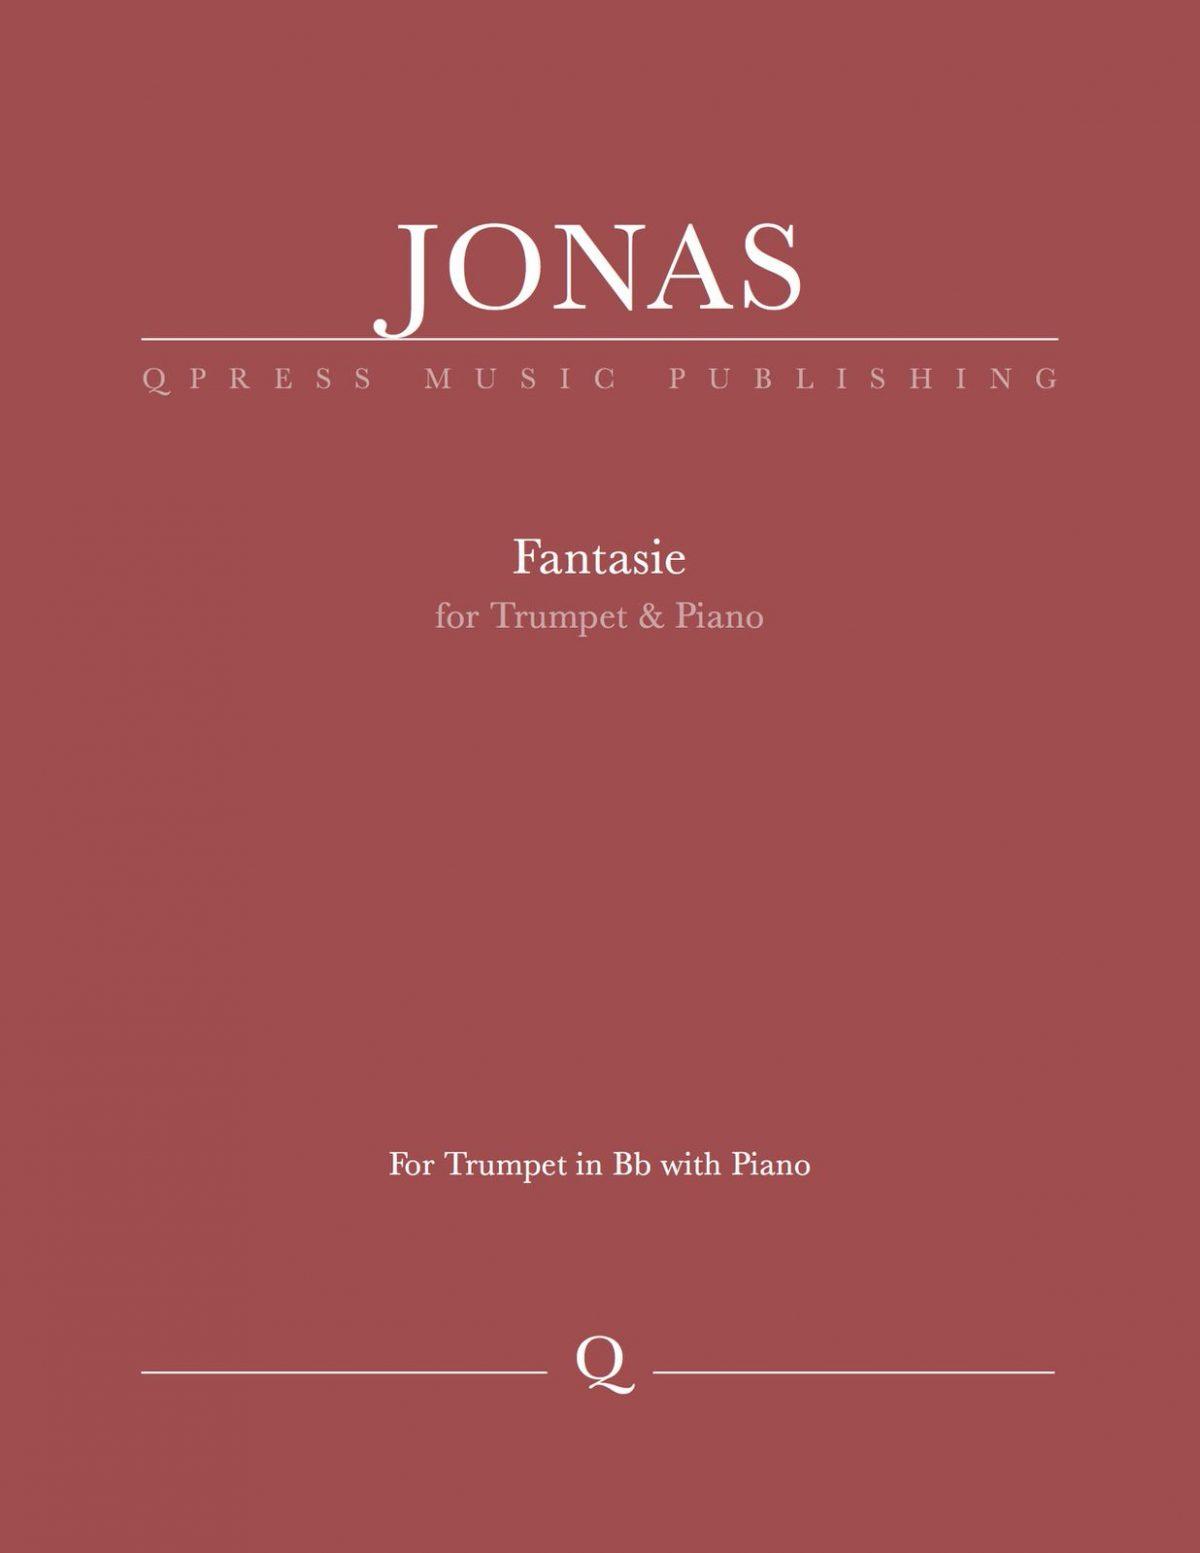 Jonas, Fantasie-p01